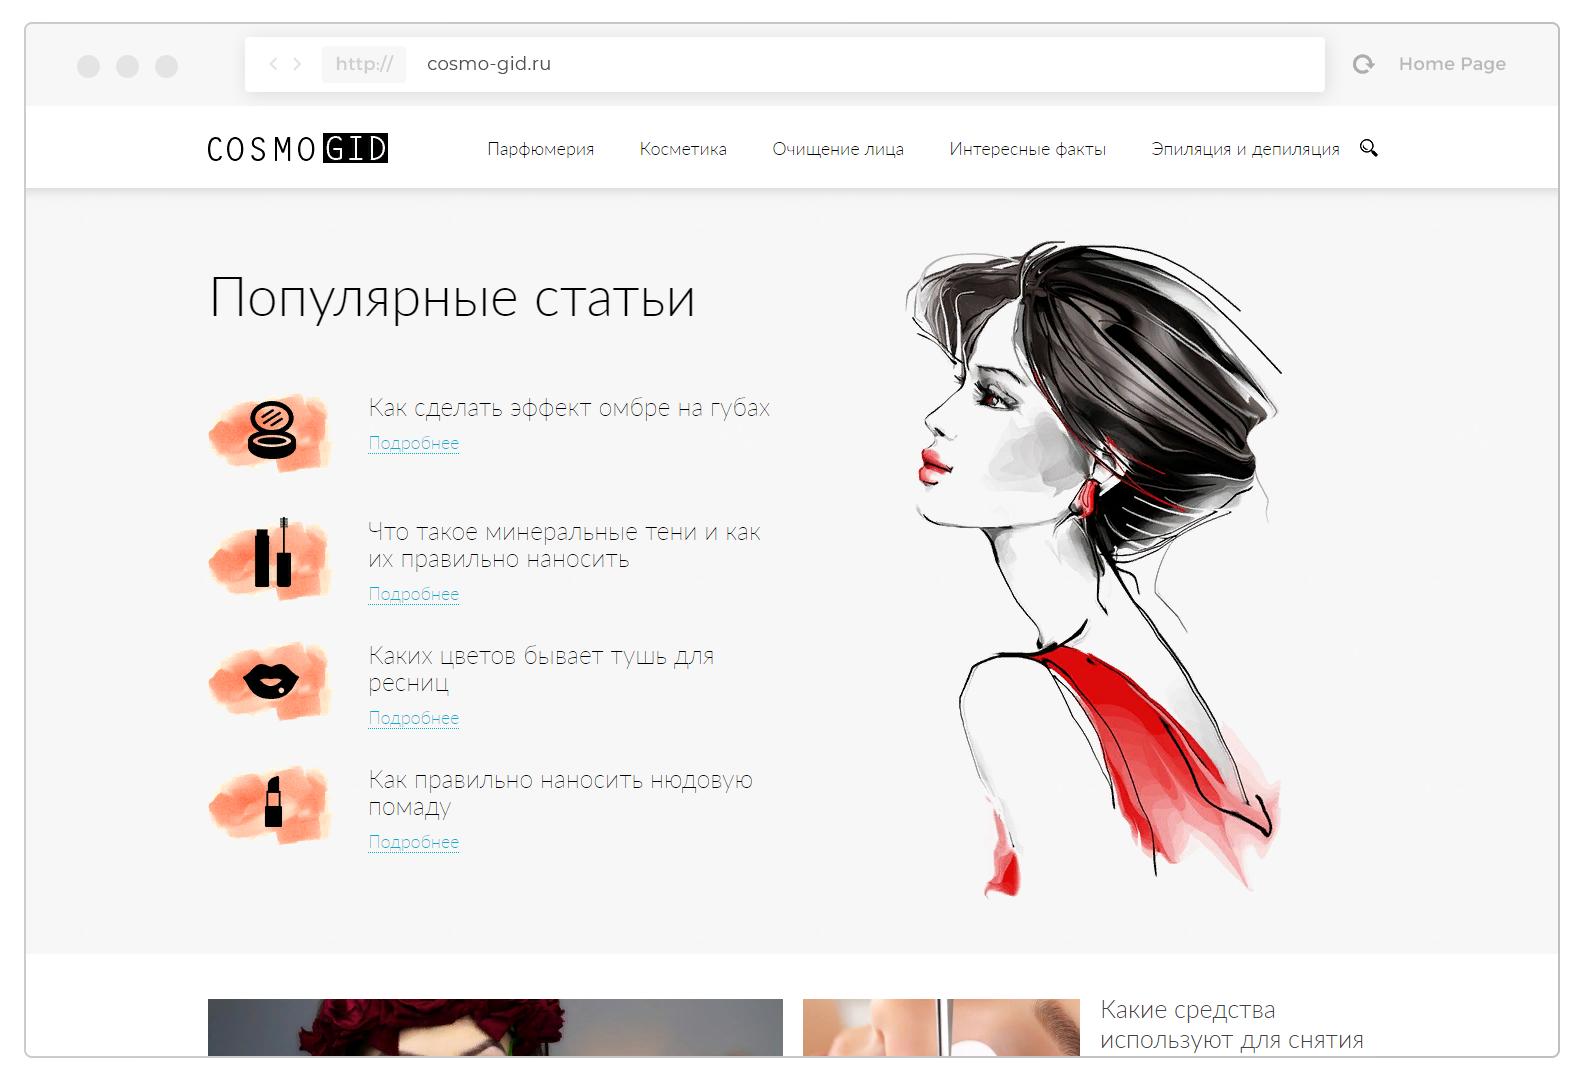 Редизайн сайта - COSMO-GID - Ваш гид в мире макияжа и косметики